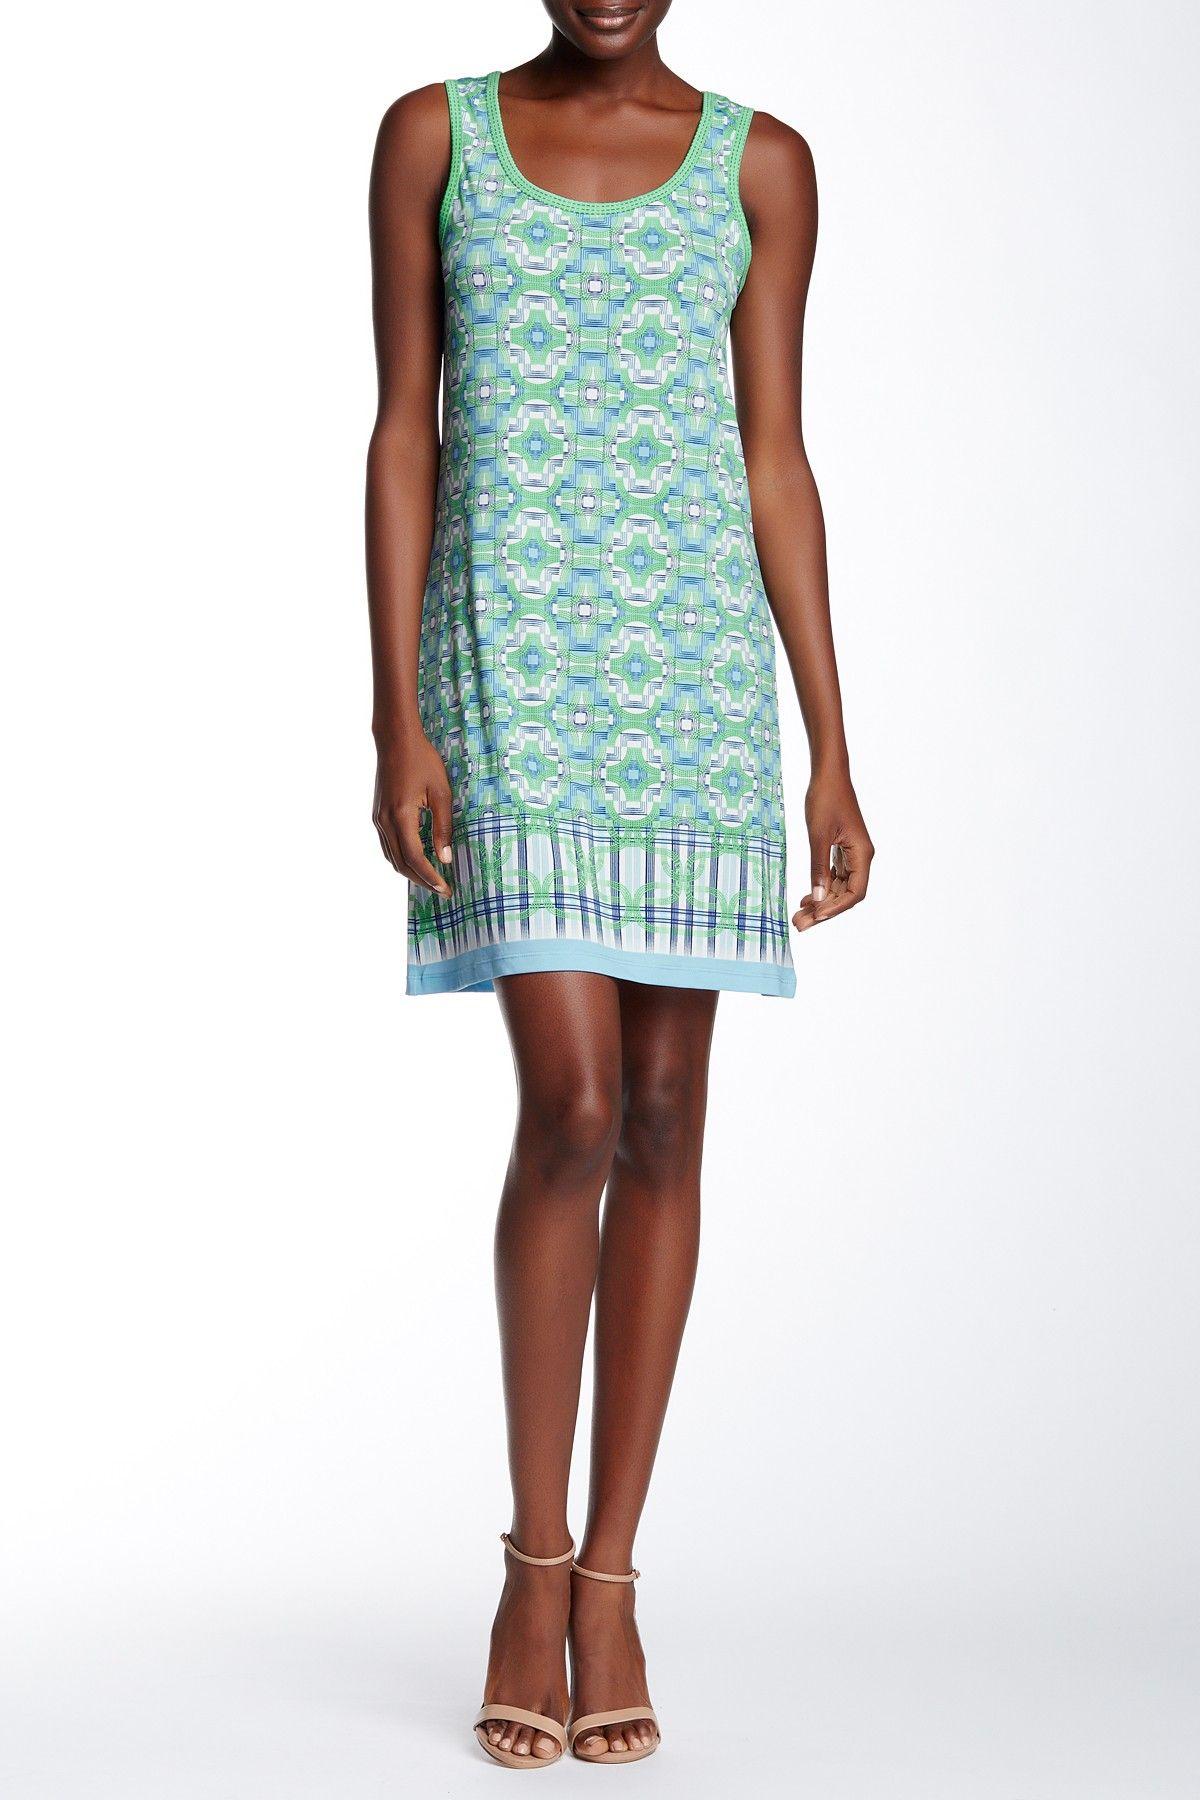 25b31fe5ef051e Patterned Keyhole Back Dress   Spring/Summer Wardrobe   Dresses ...